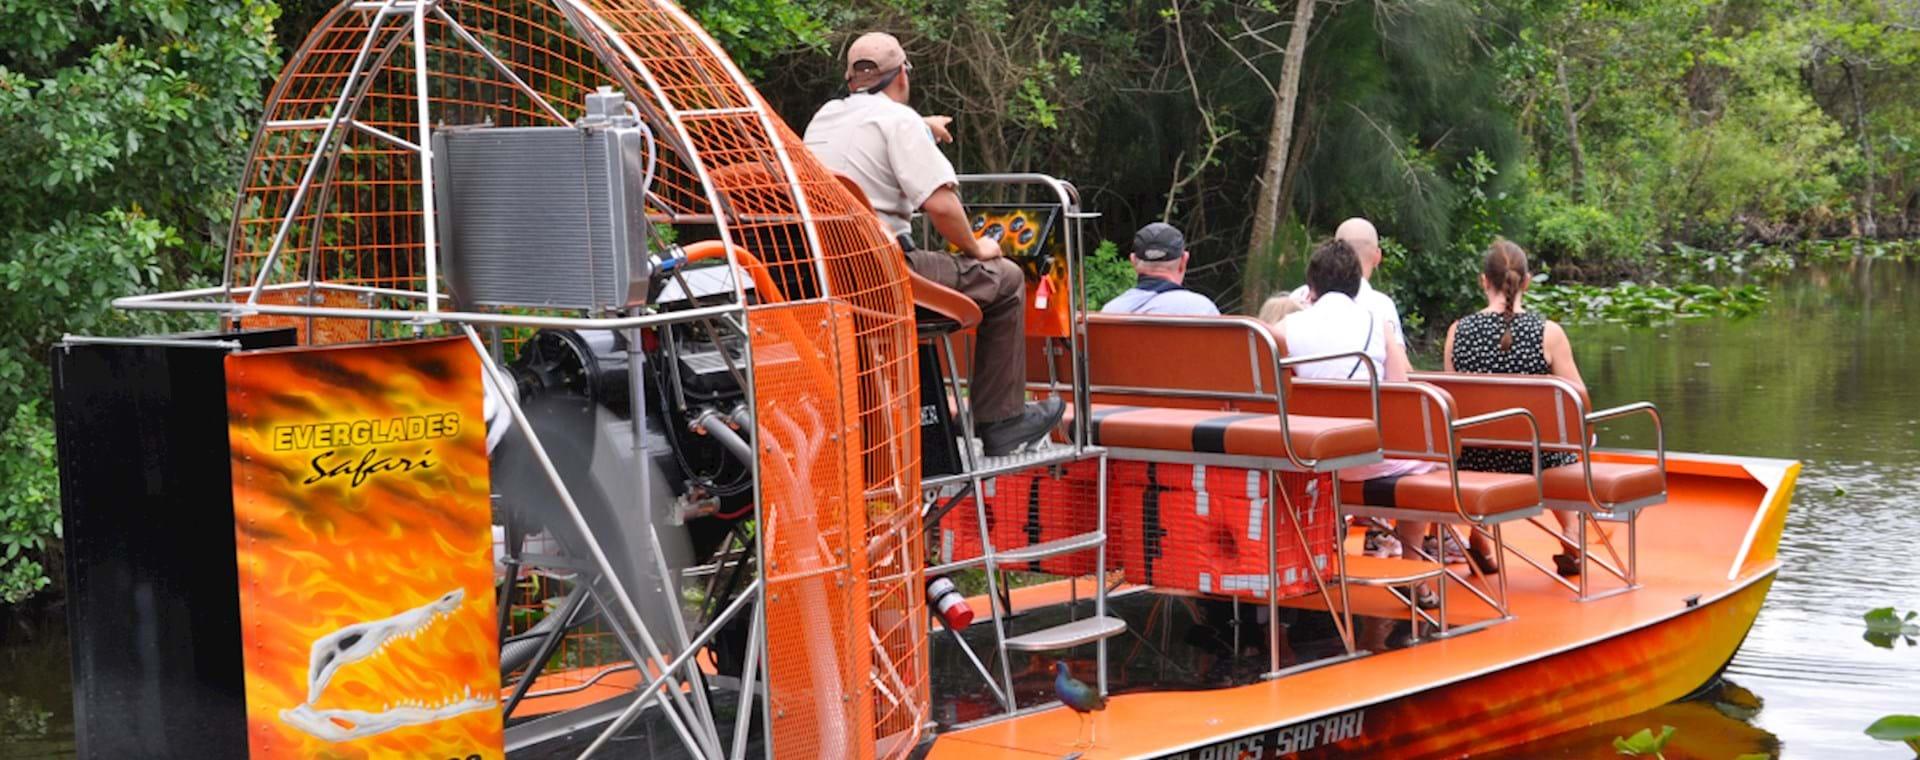 orange airboat in Everglades